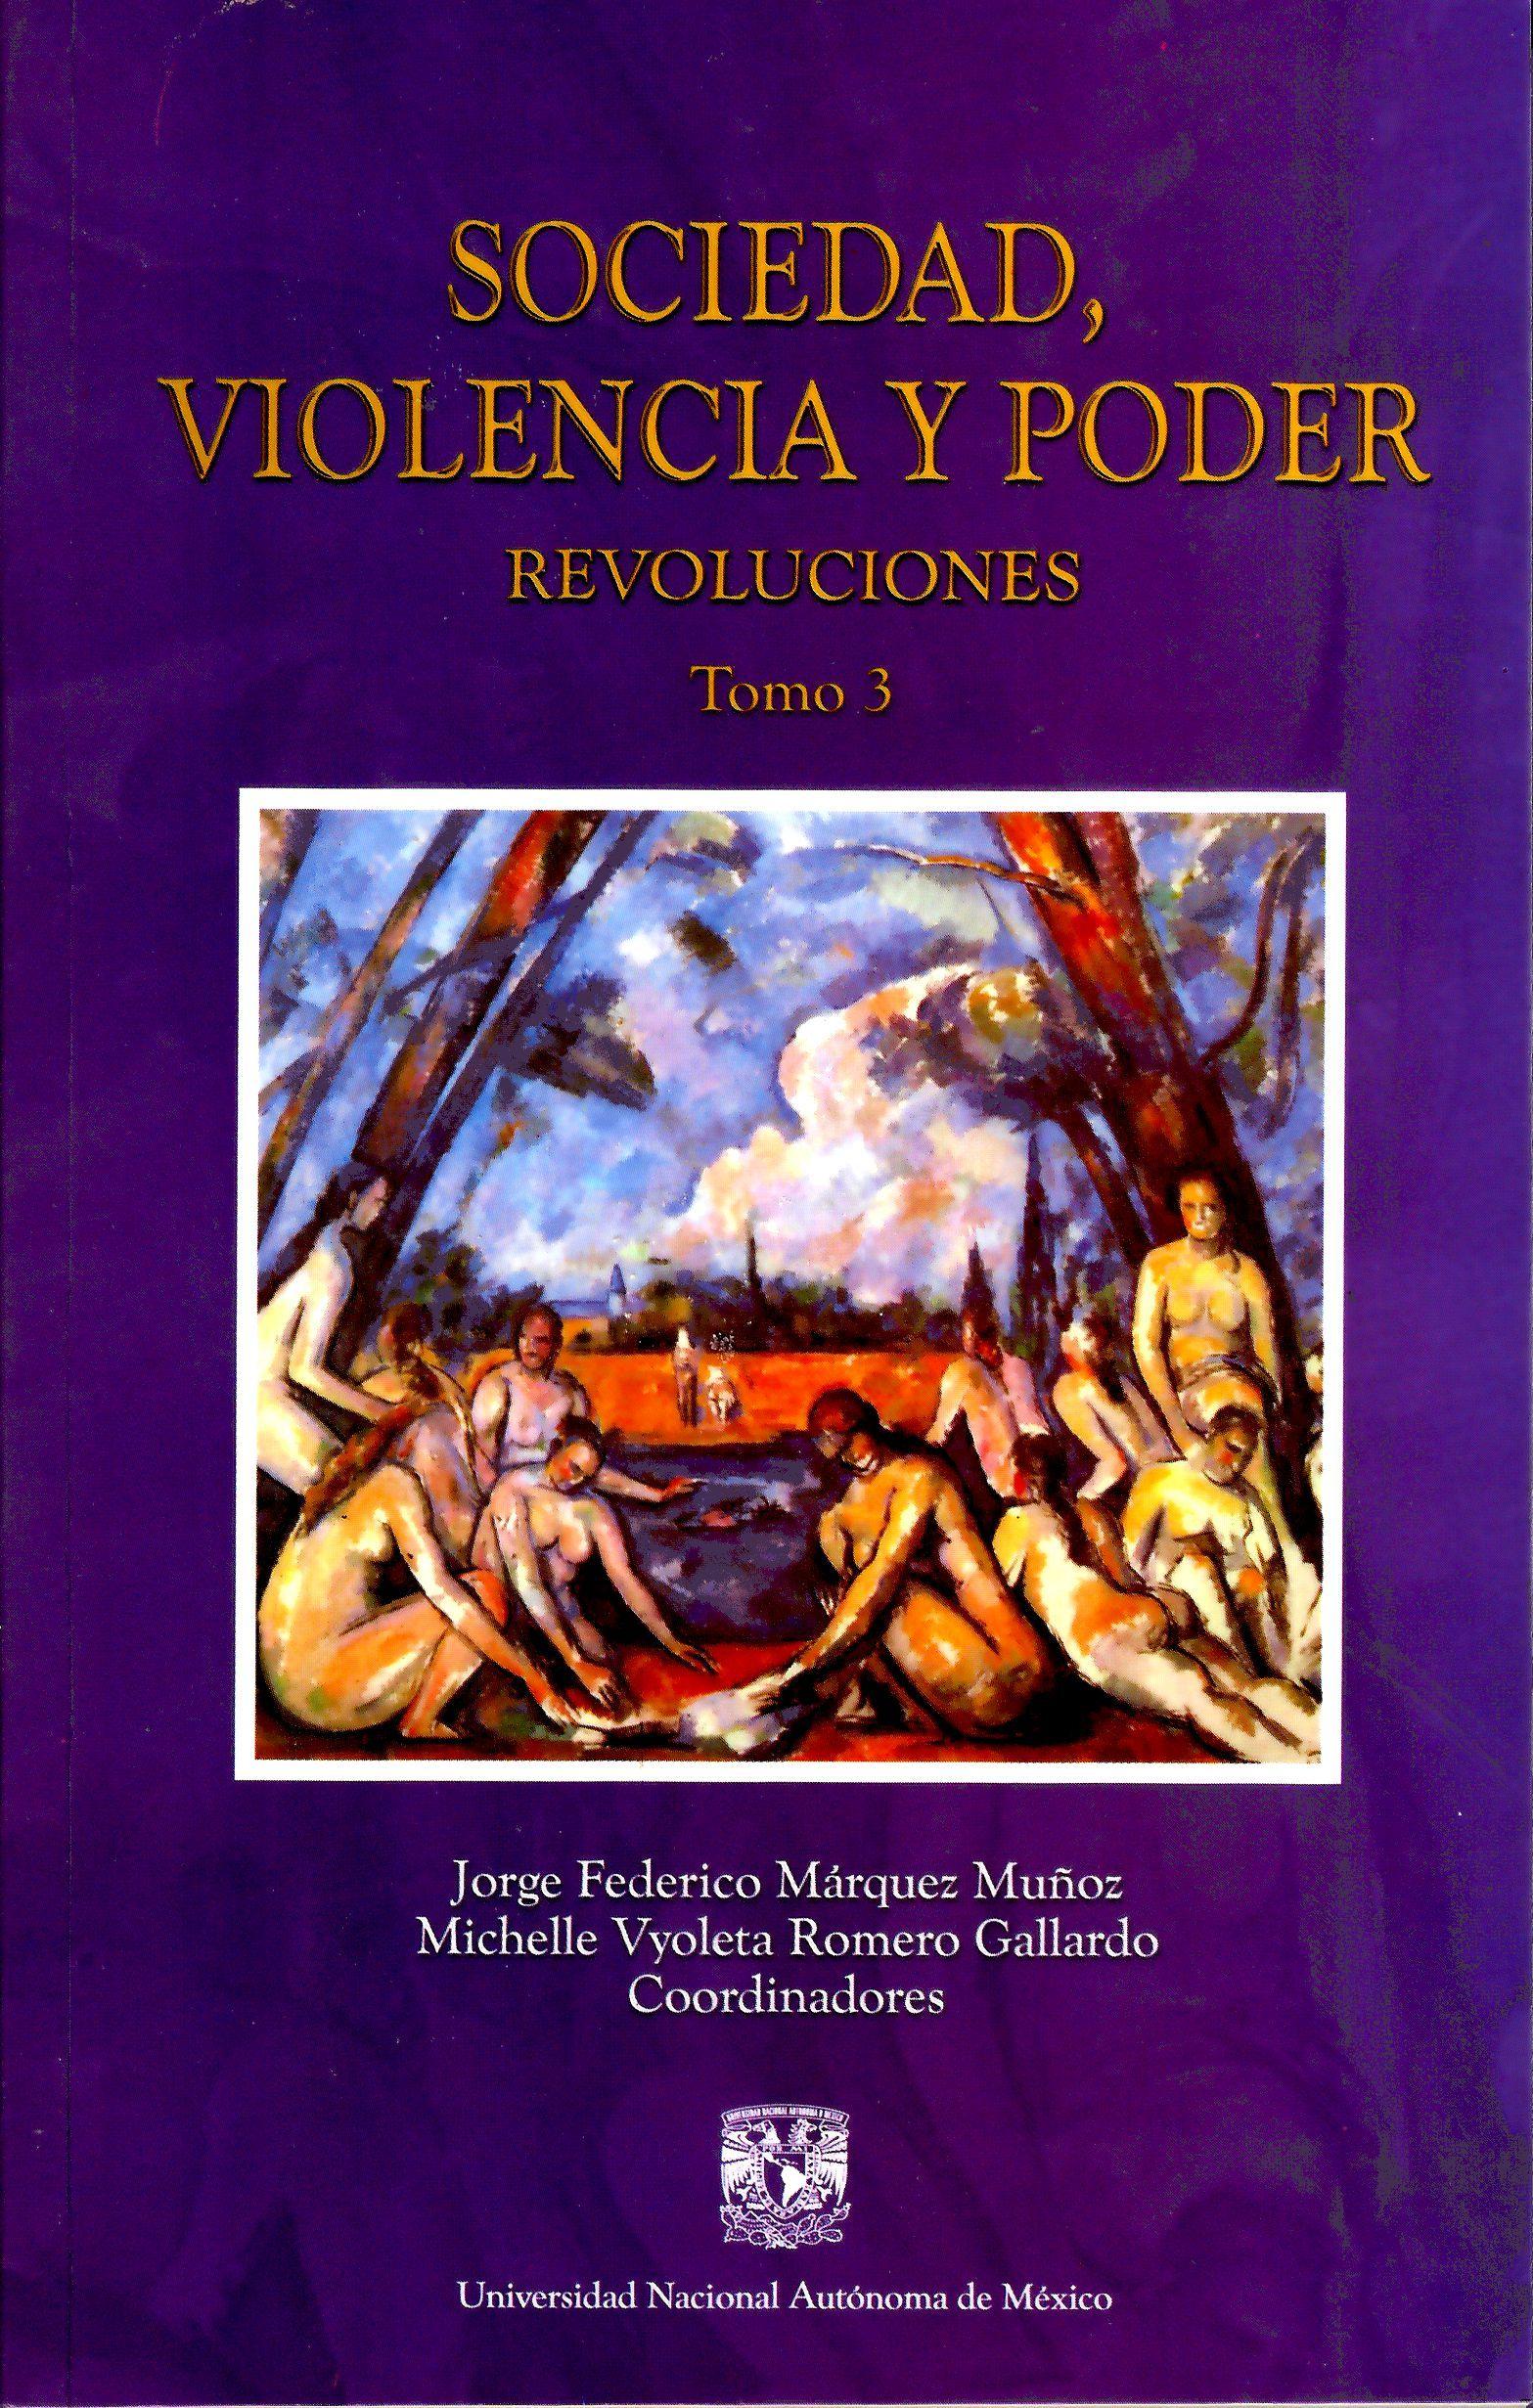 Sociedad, violencia y poder. Revoluciones. Tomo III